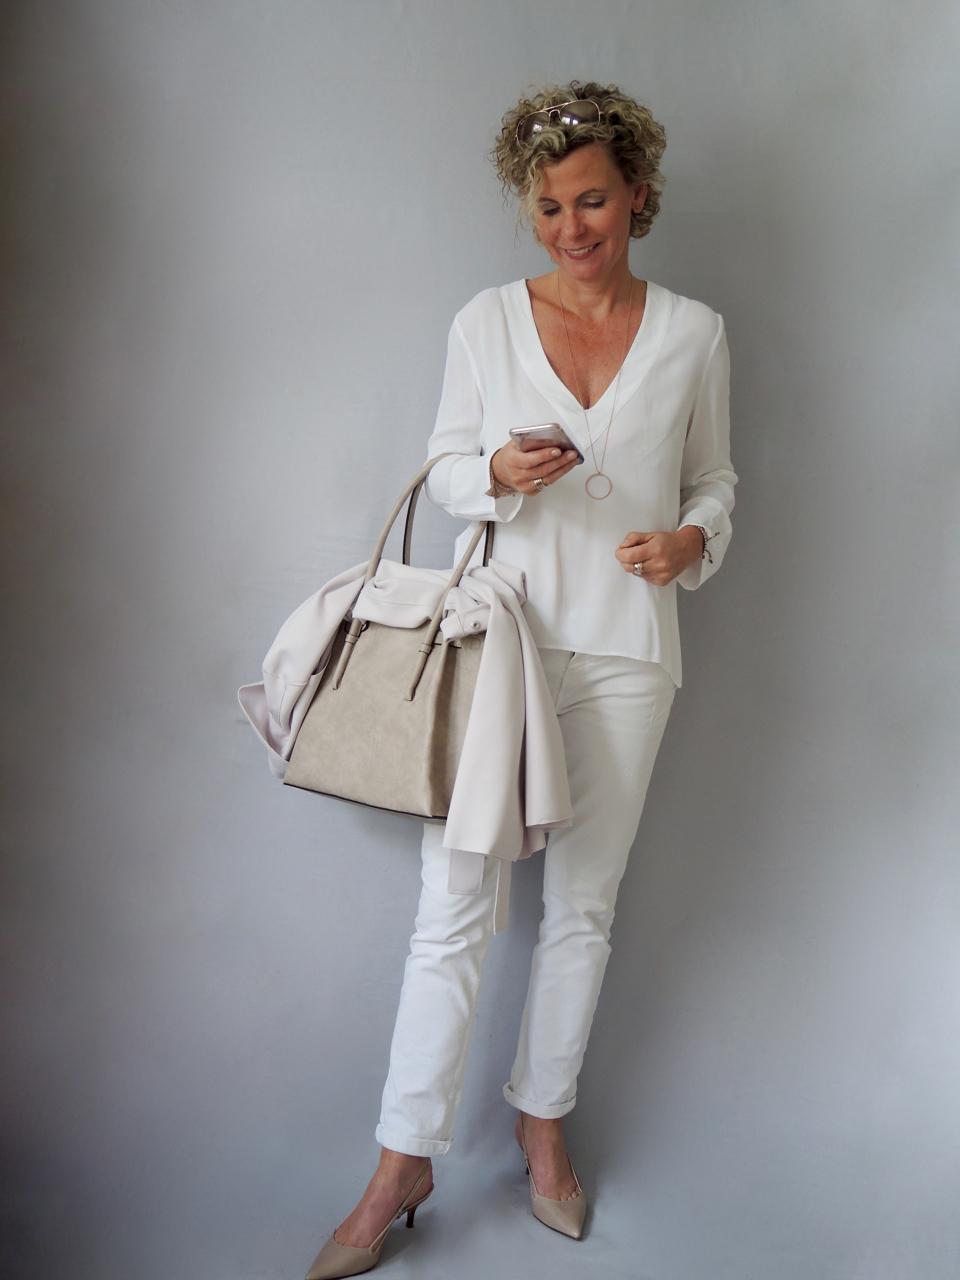 fcc8ba9a9cb Kleider fur frauen ab 40 jahren – Stilvolle Abendkleider in ...